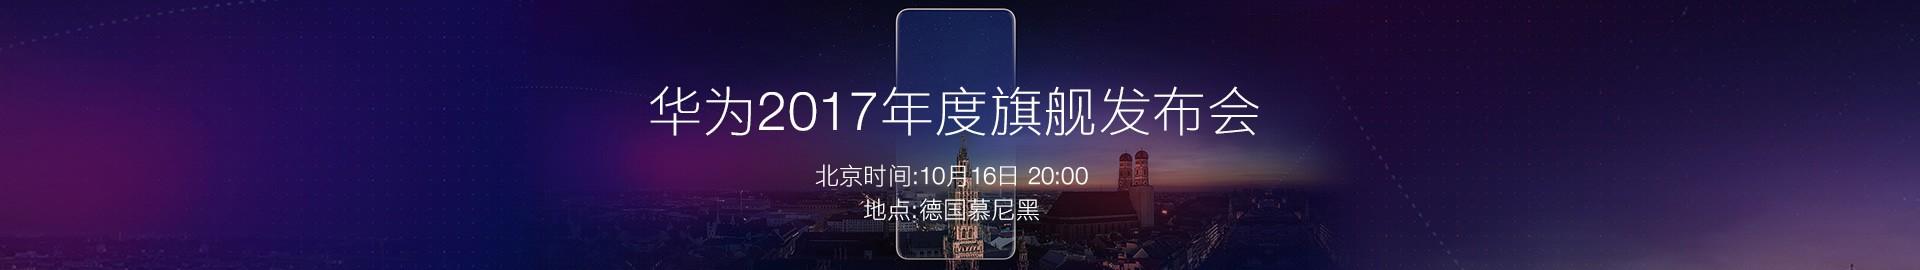 华为Mate10系列发布直播 2017终极大招